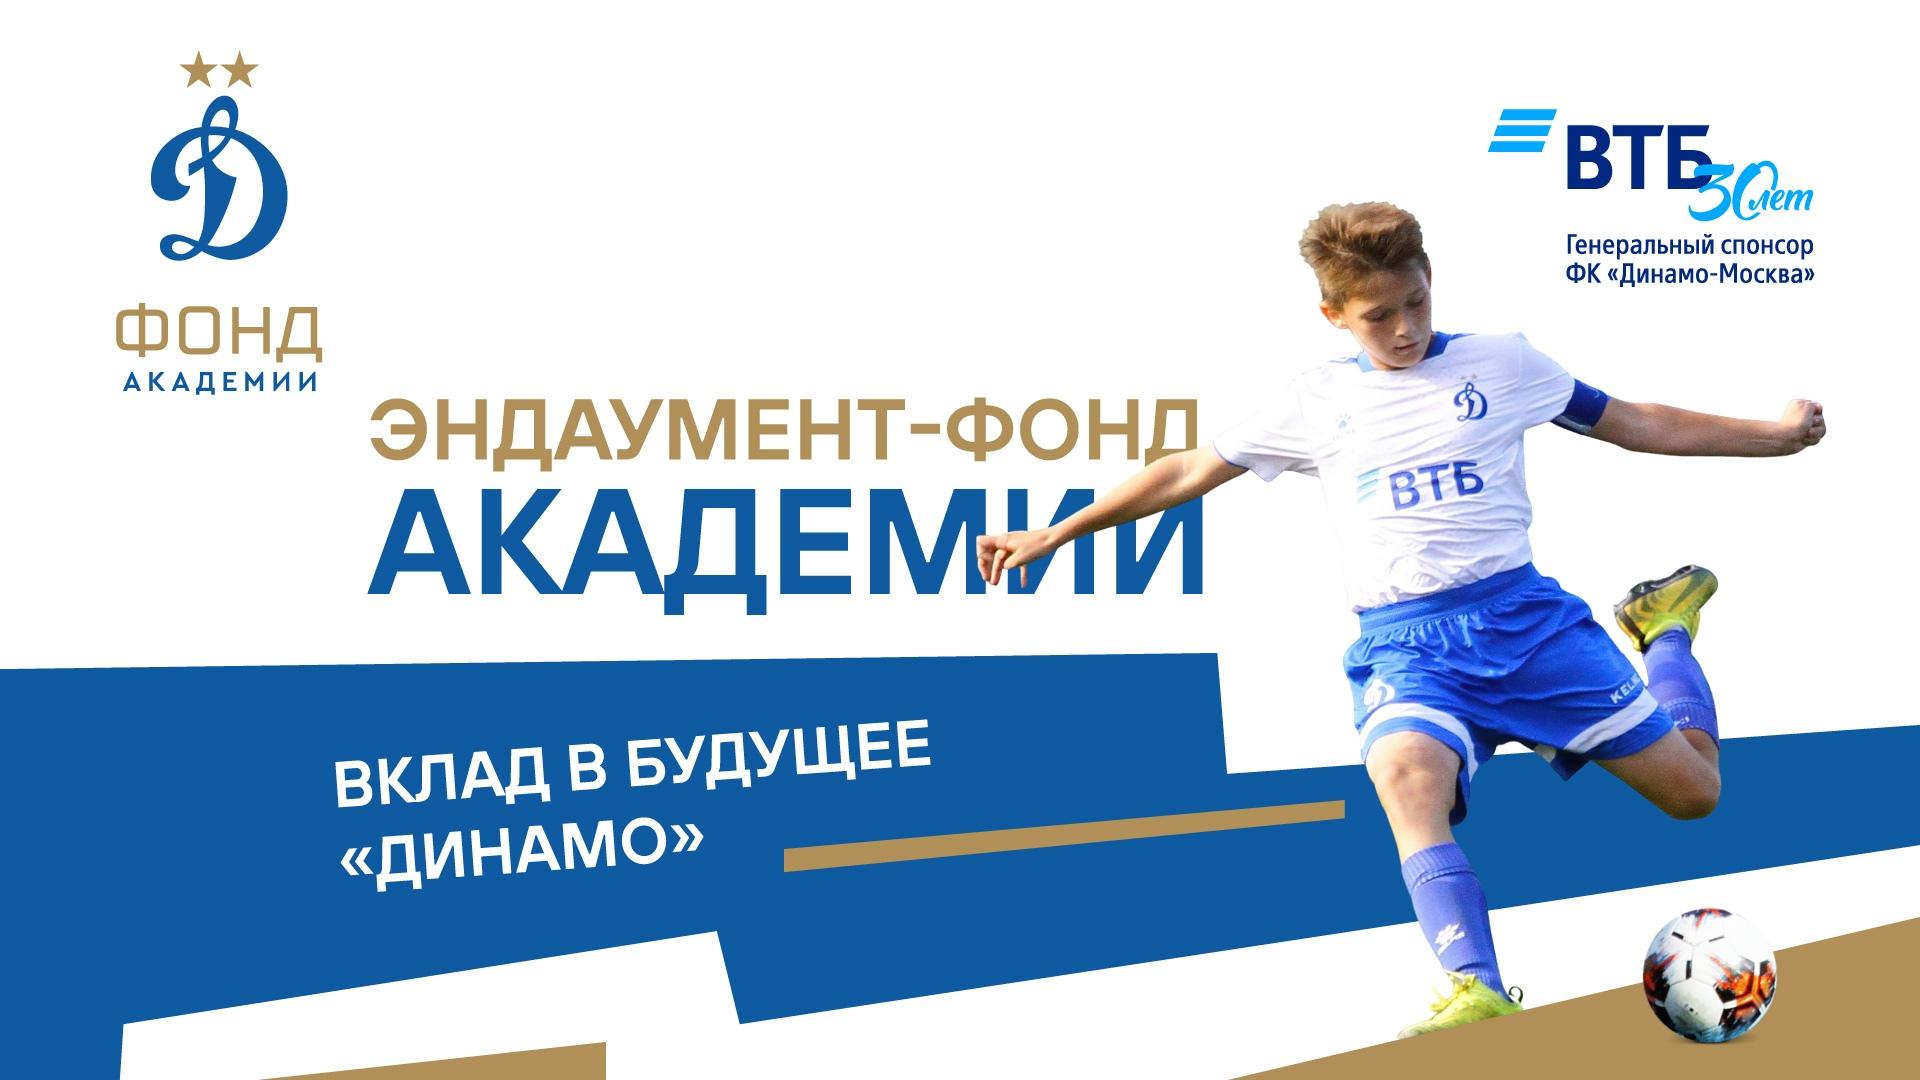 Академия «Динамо» – ТОП! Первыми в стране запустили эндаумент фонд и могут изменить весь наш футбол